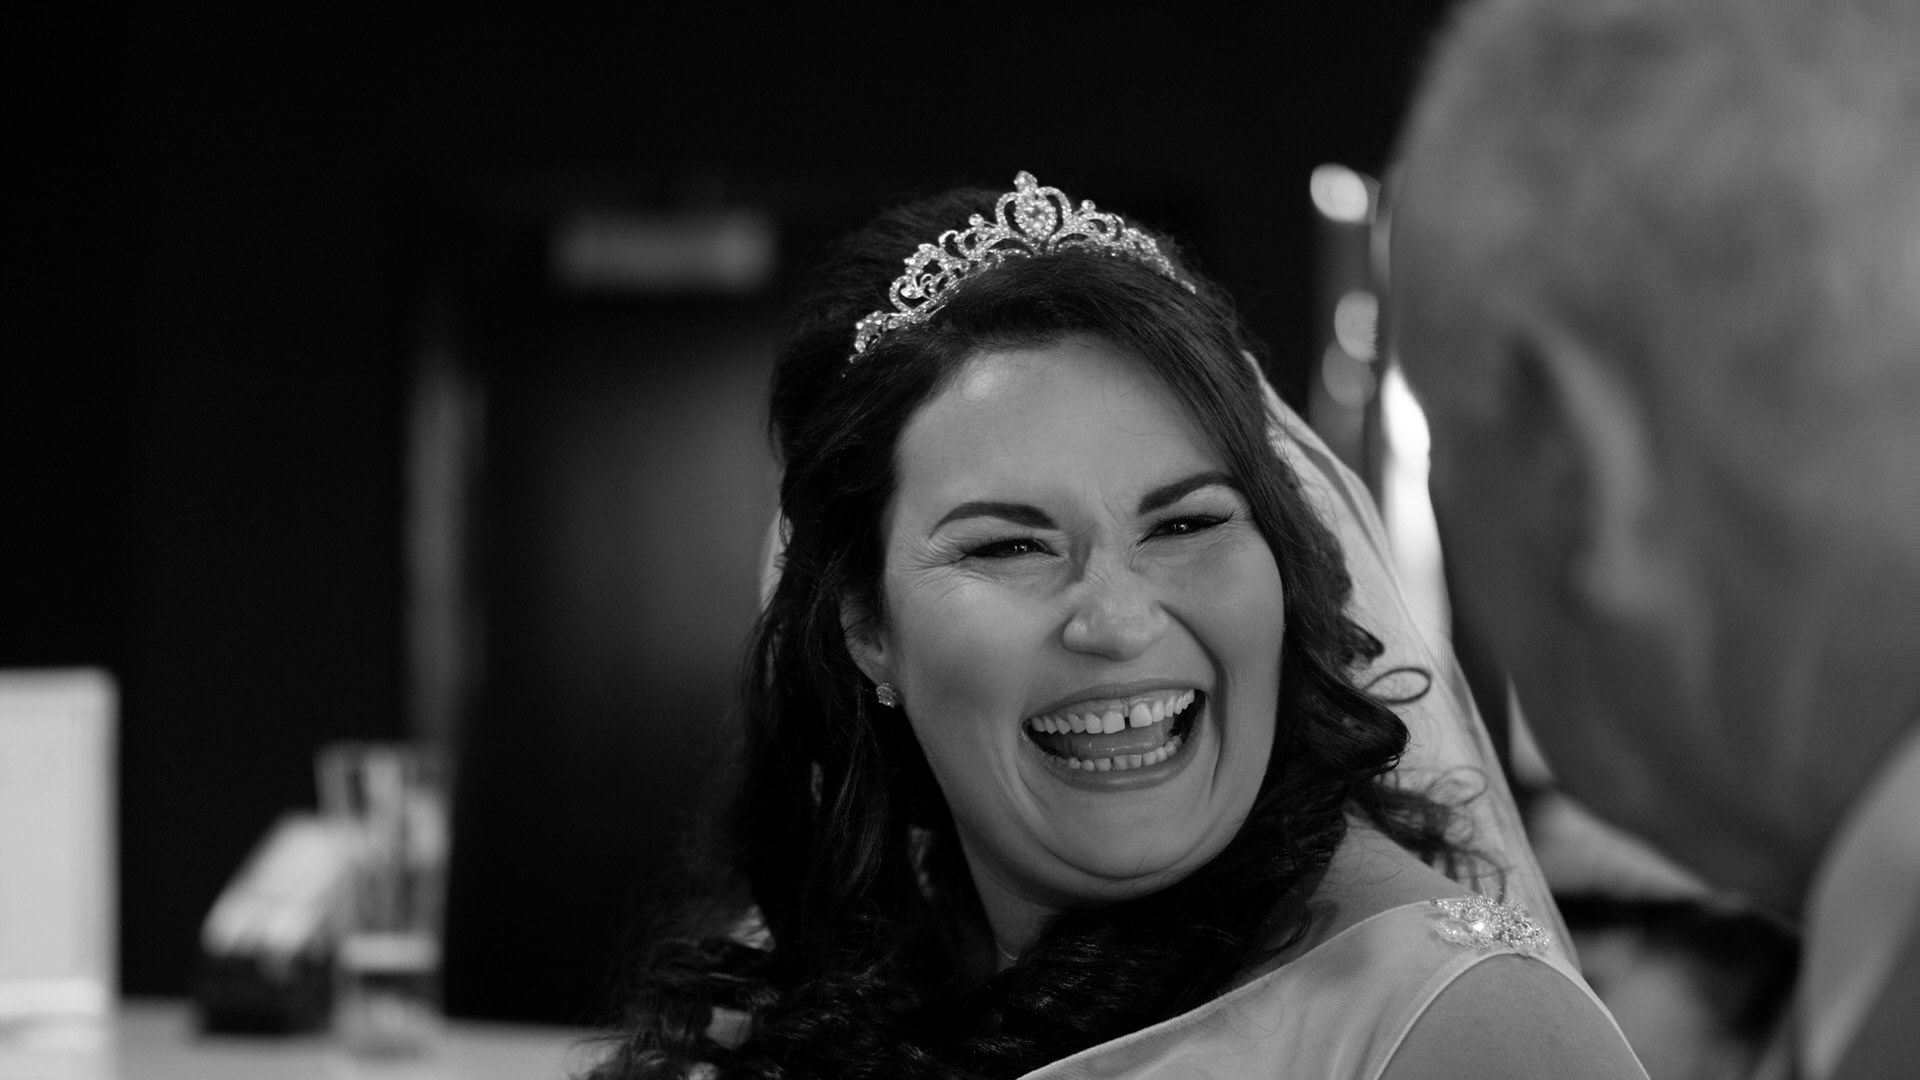 BUCHAN-BRAES-JULY-WEDDING (17).jpg